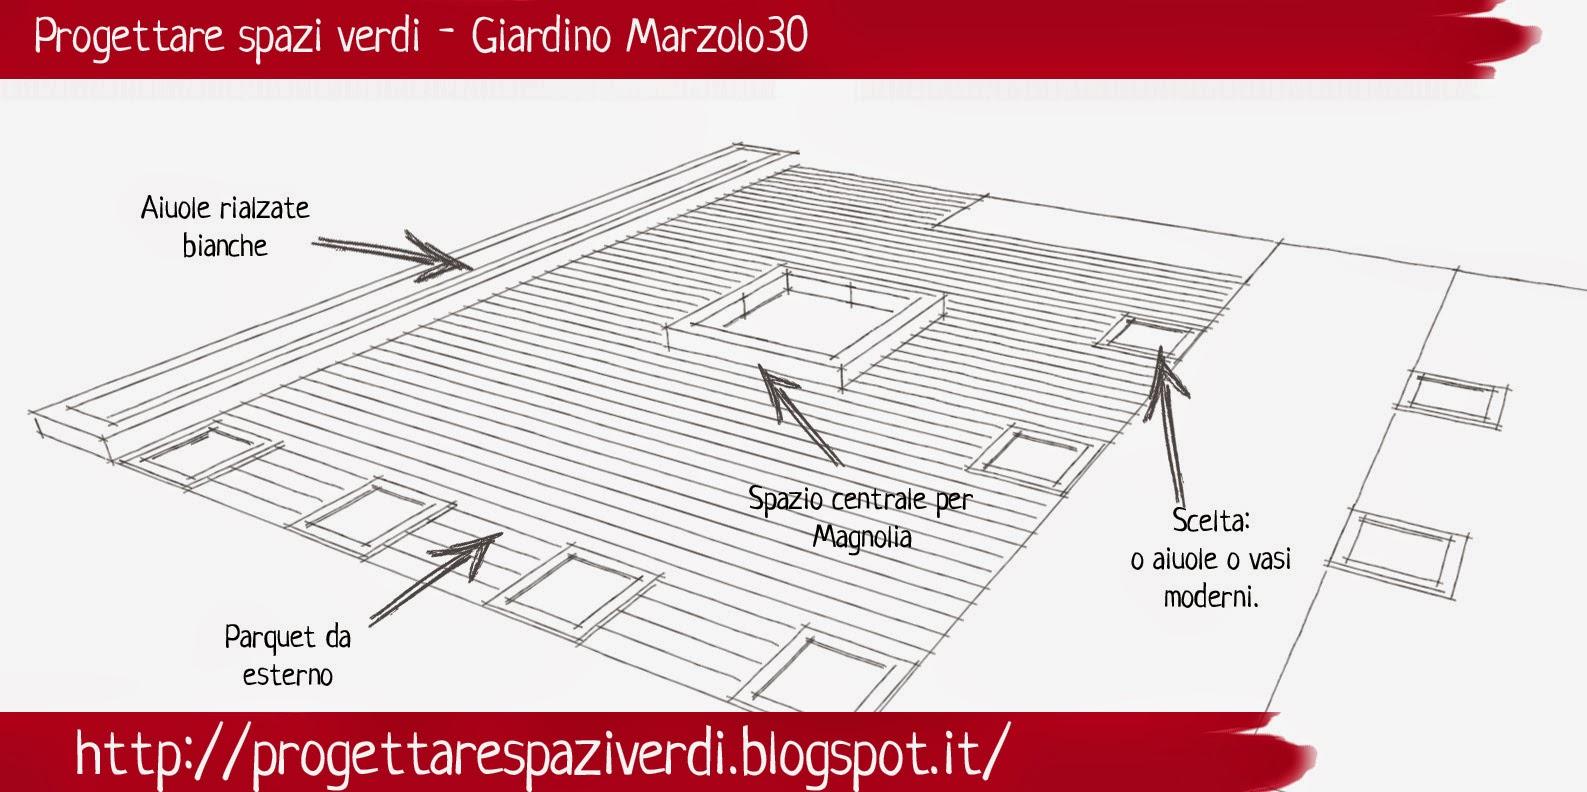 Progettare spazi verdi giardino marzolo30 for Progettare spazi verdi